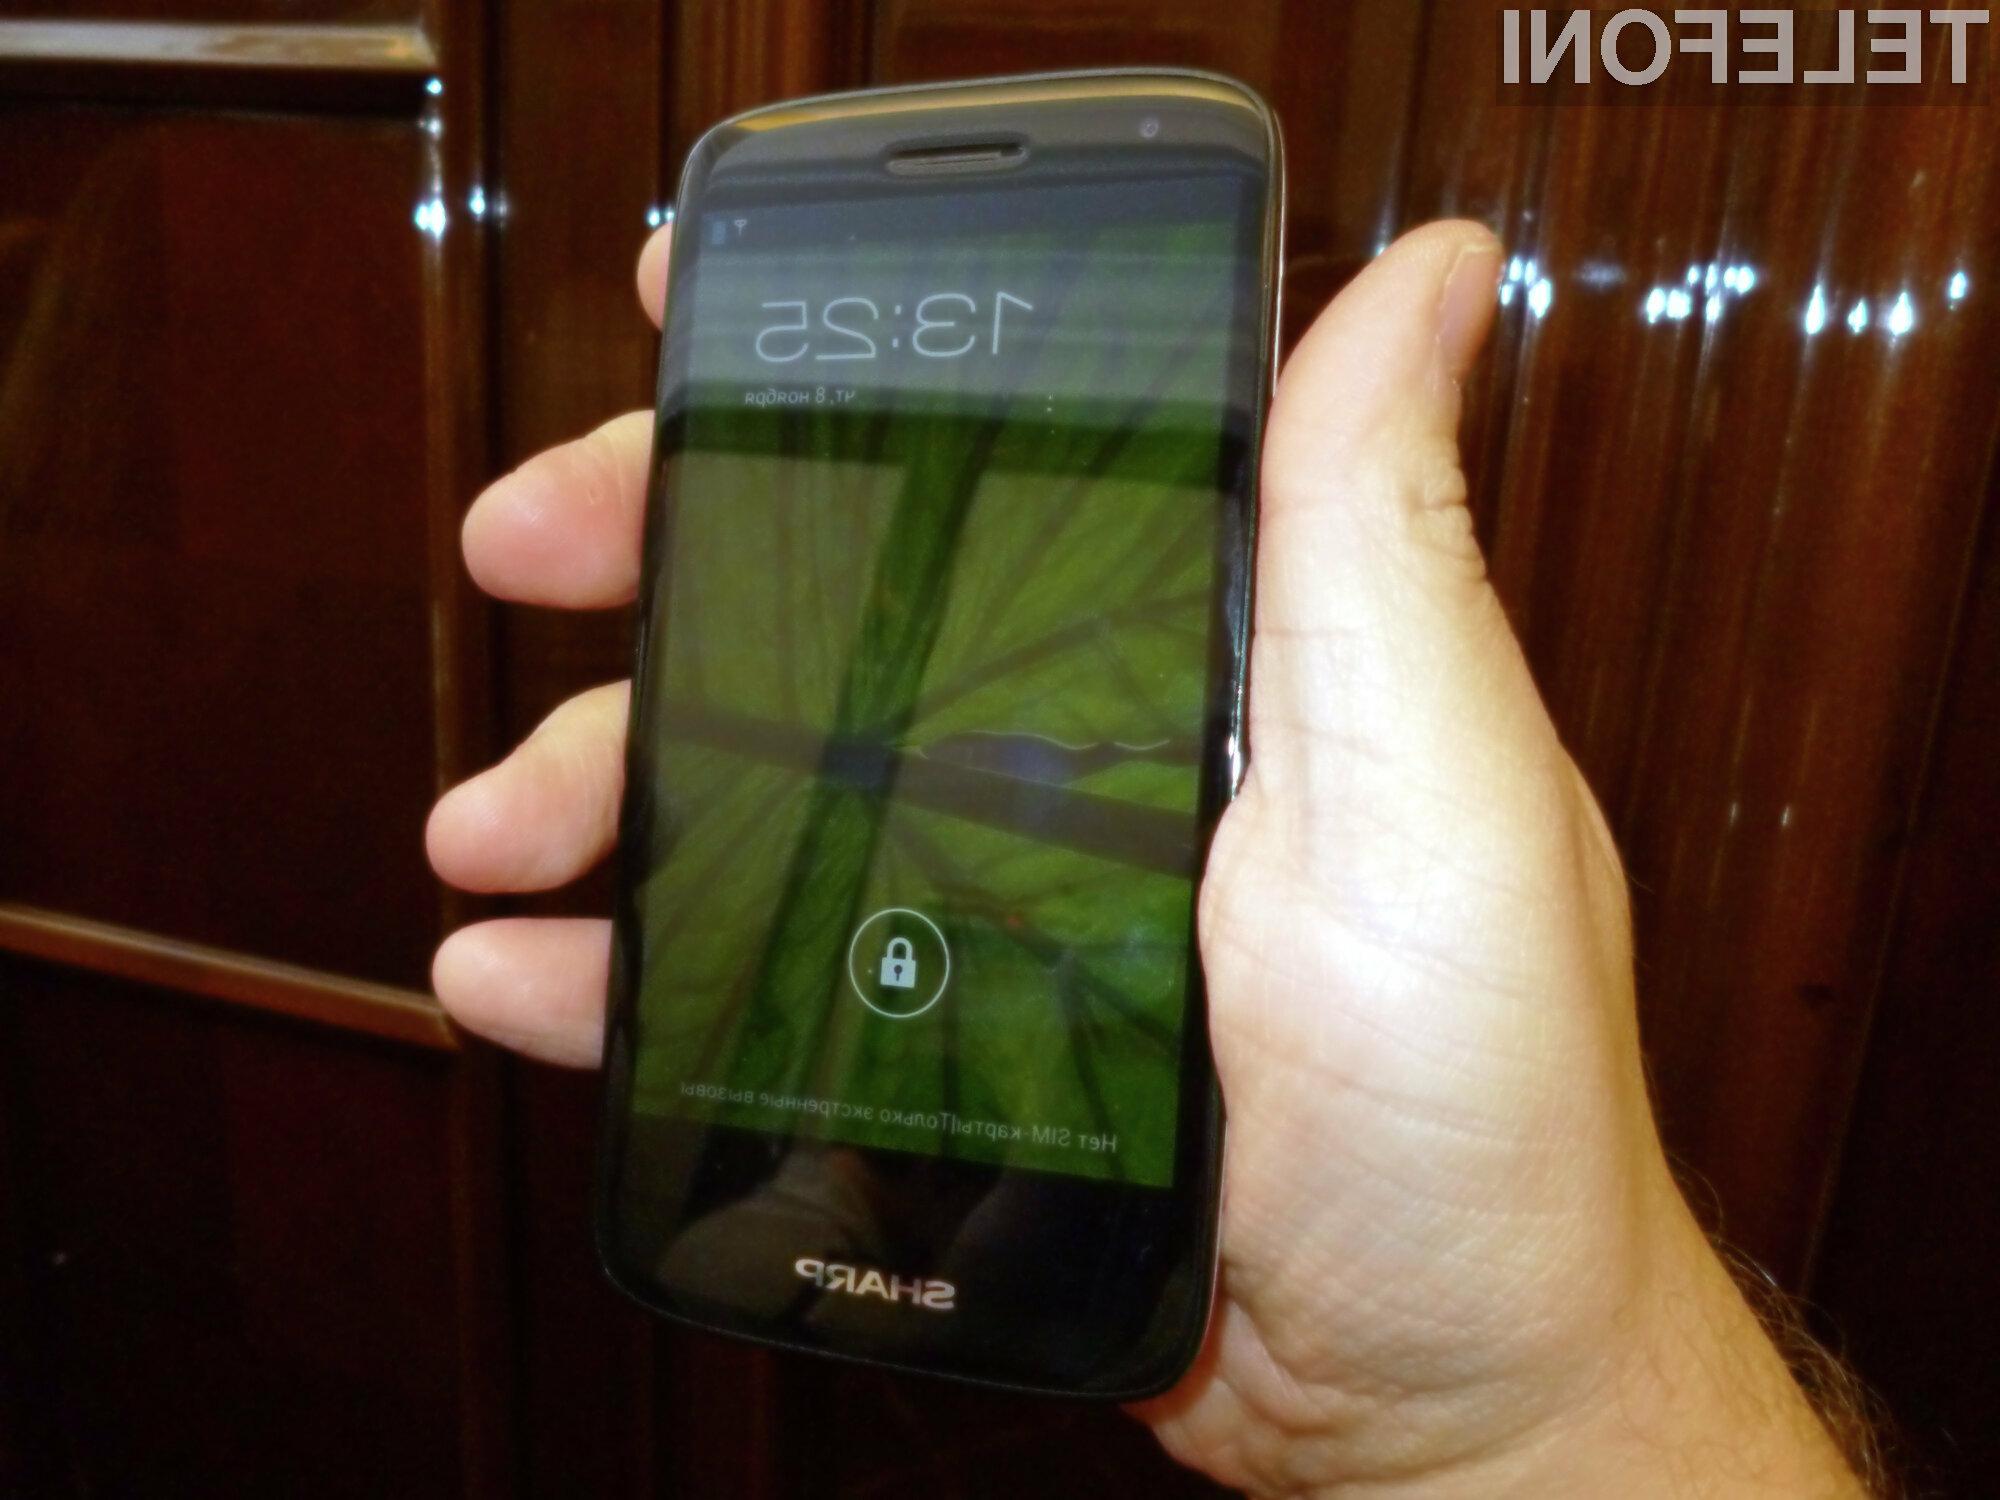 Sharpov Aquos SH930W se bo najprej pojavil na Ruskem trgu.